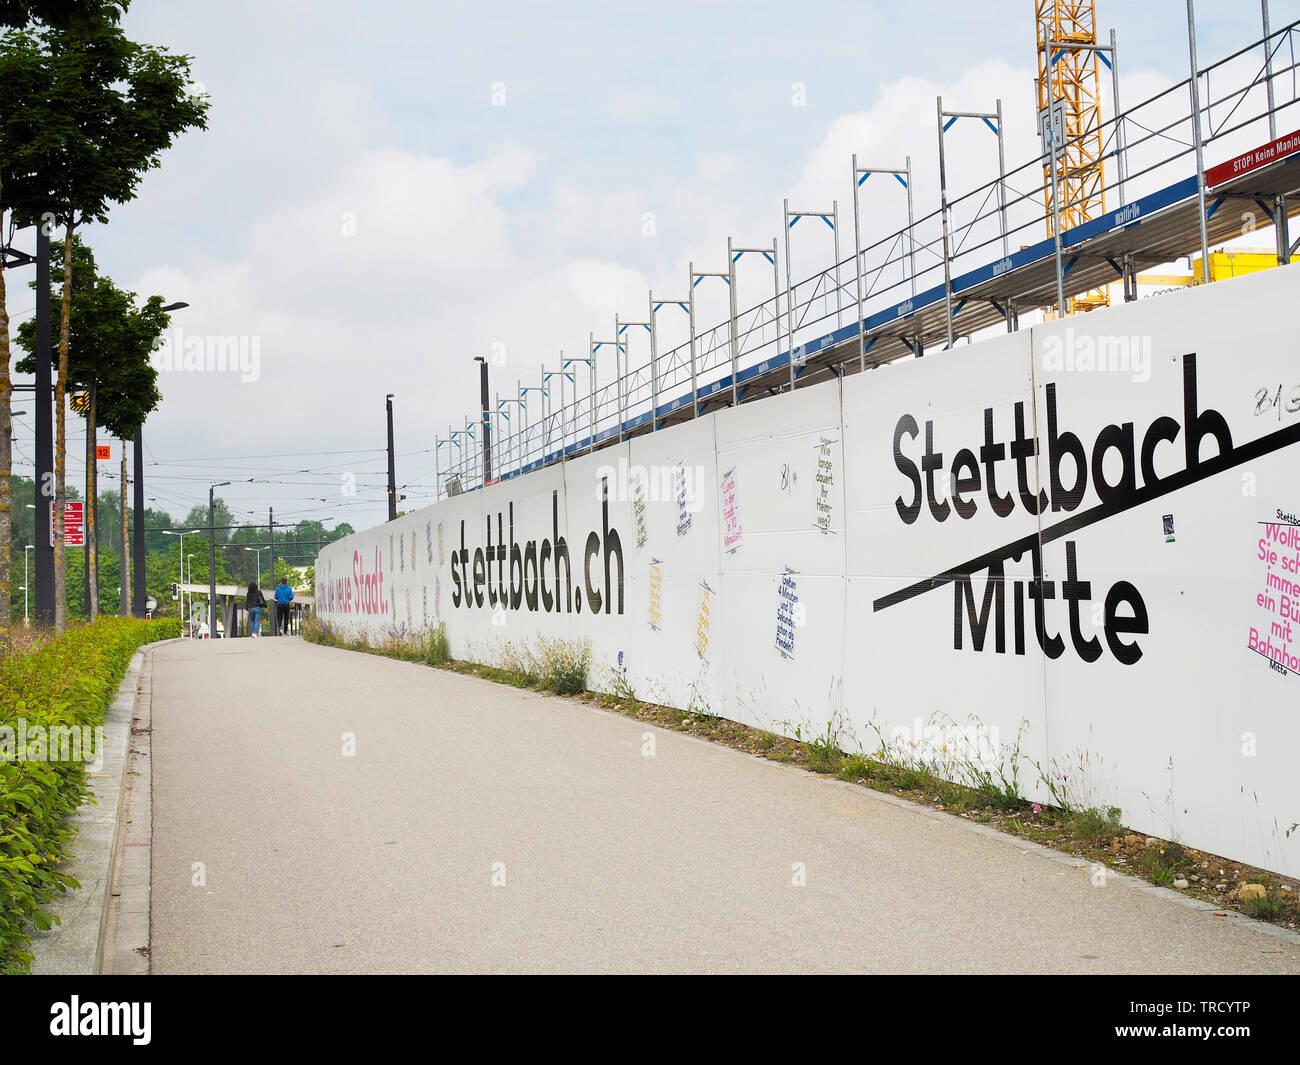 Baustelle Stettbach Mitte beim Bahnhof Stettbach, Zurigo, Schweiz Immagini Stock